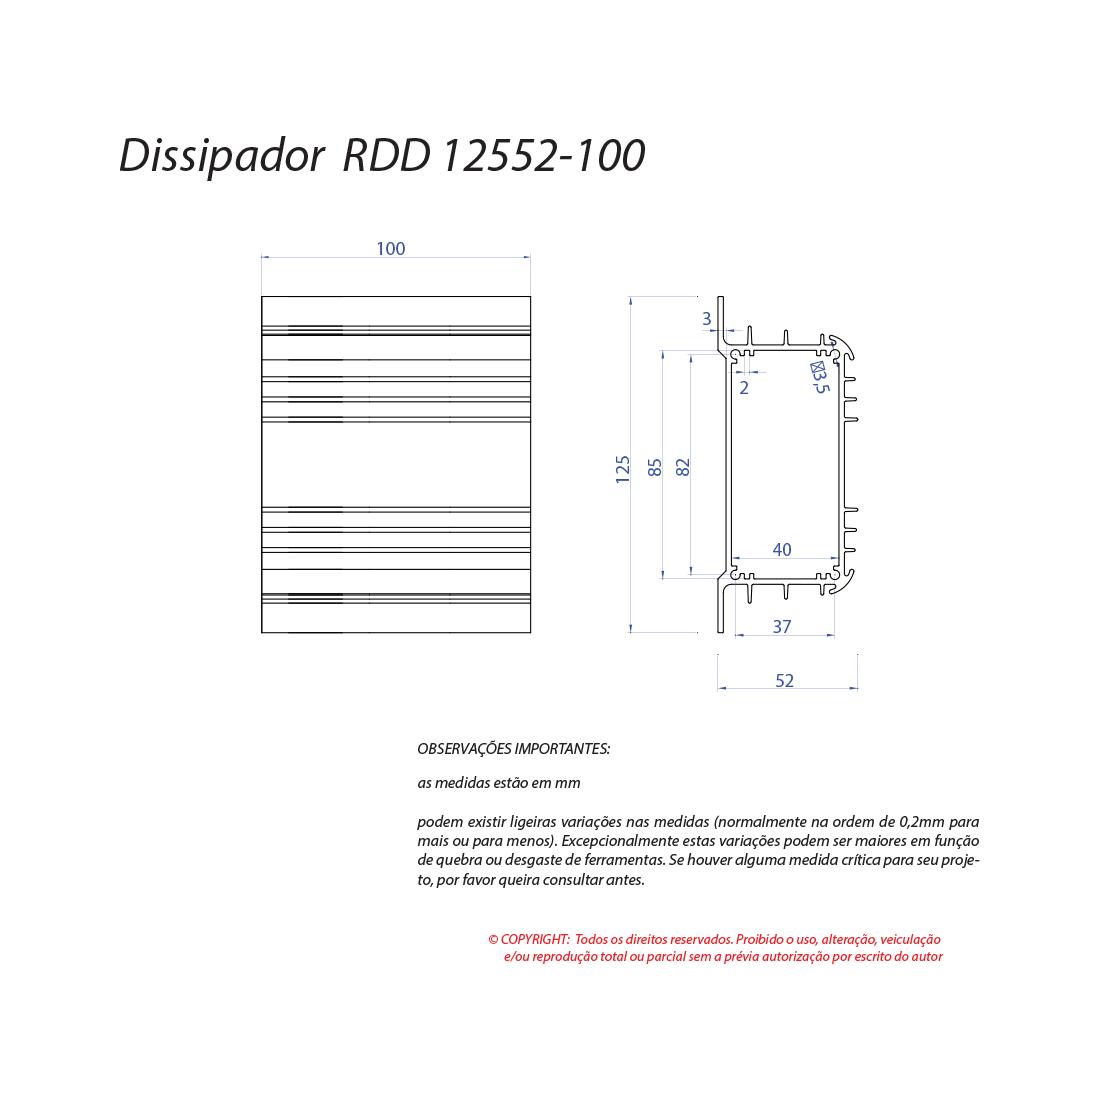 Dissipador de calor RDD 12552-100 2OBL